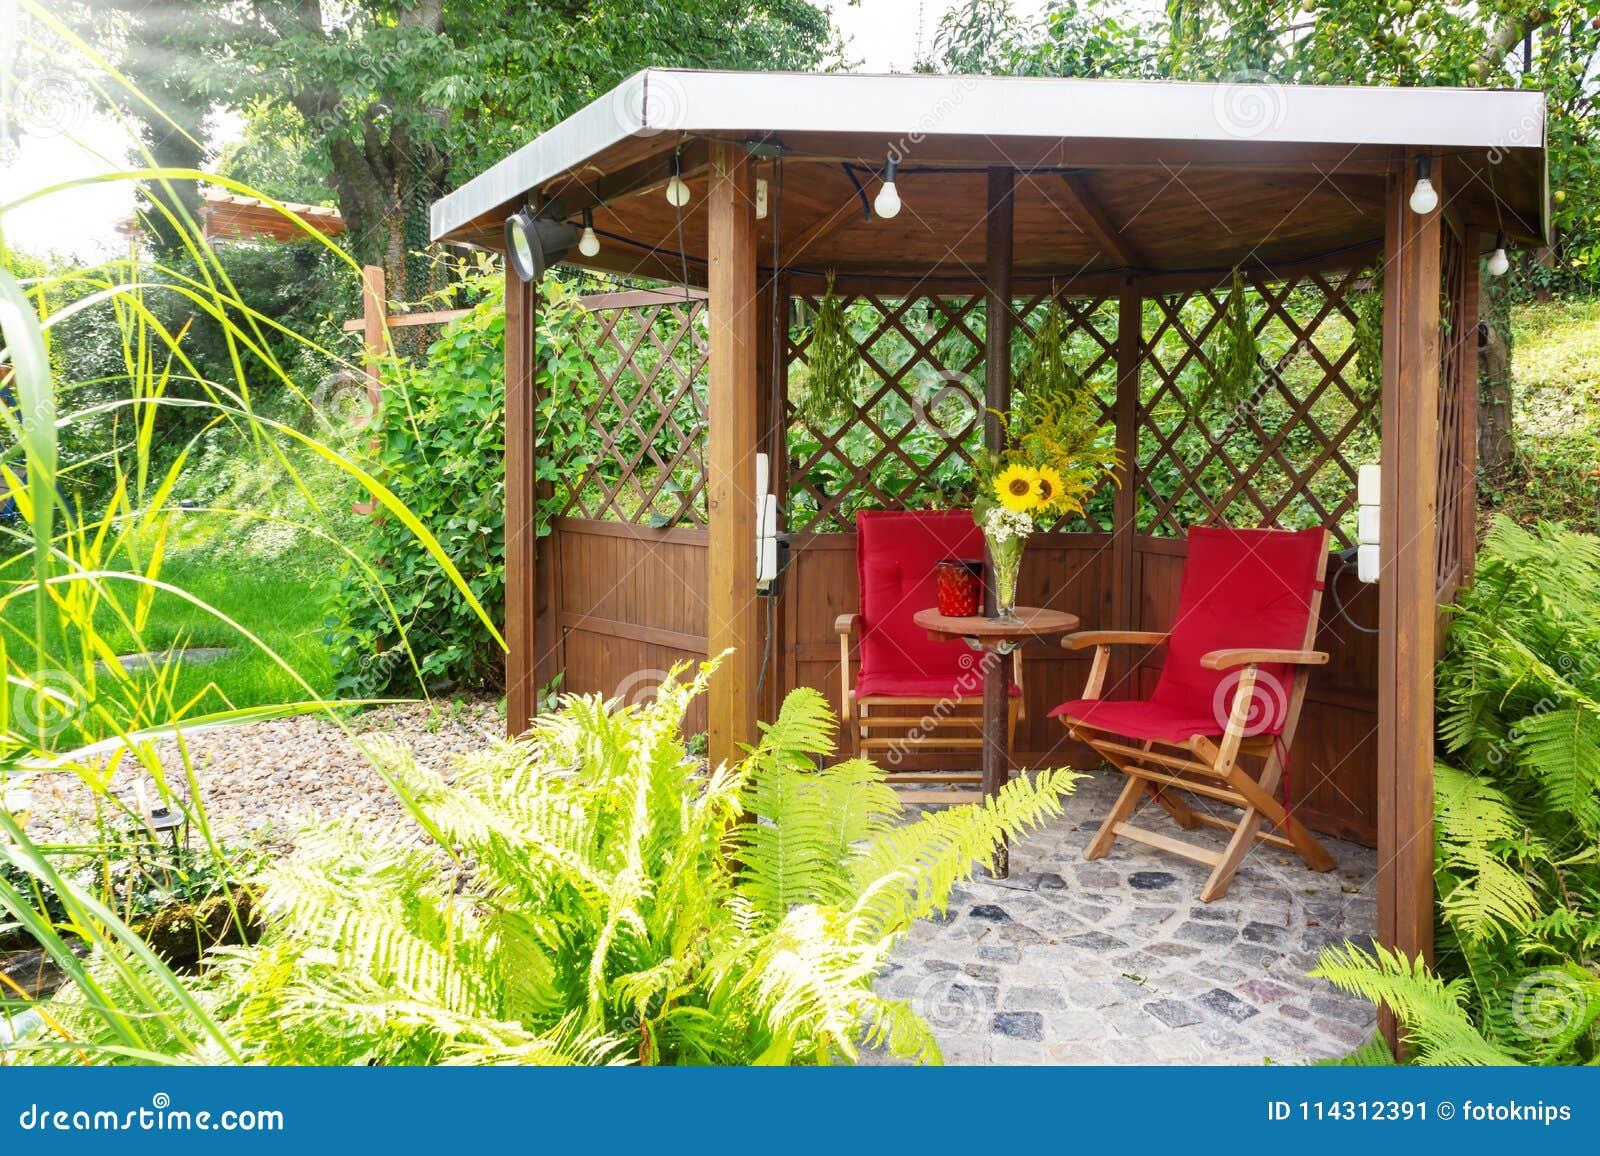 Garten Pavillon In Dem Gartenteich Mit Sitzecke Stockbild Bild Von